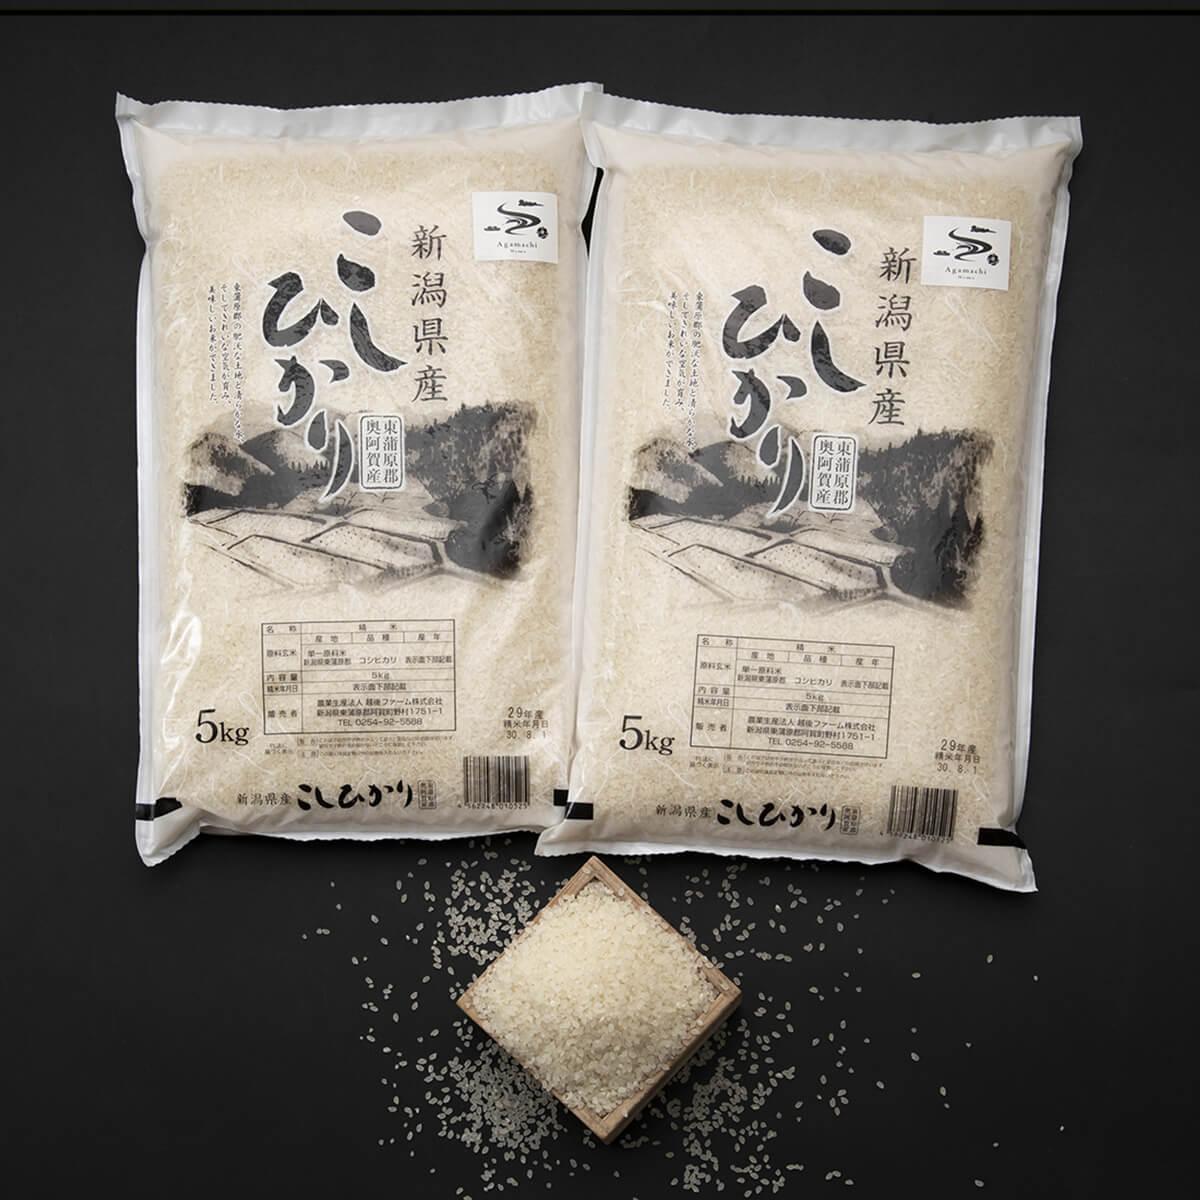 【ふるさと納税】新潟県奥阿賀産こしひかり10kg(5kg×2袋)